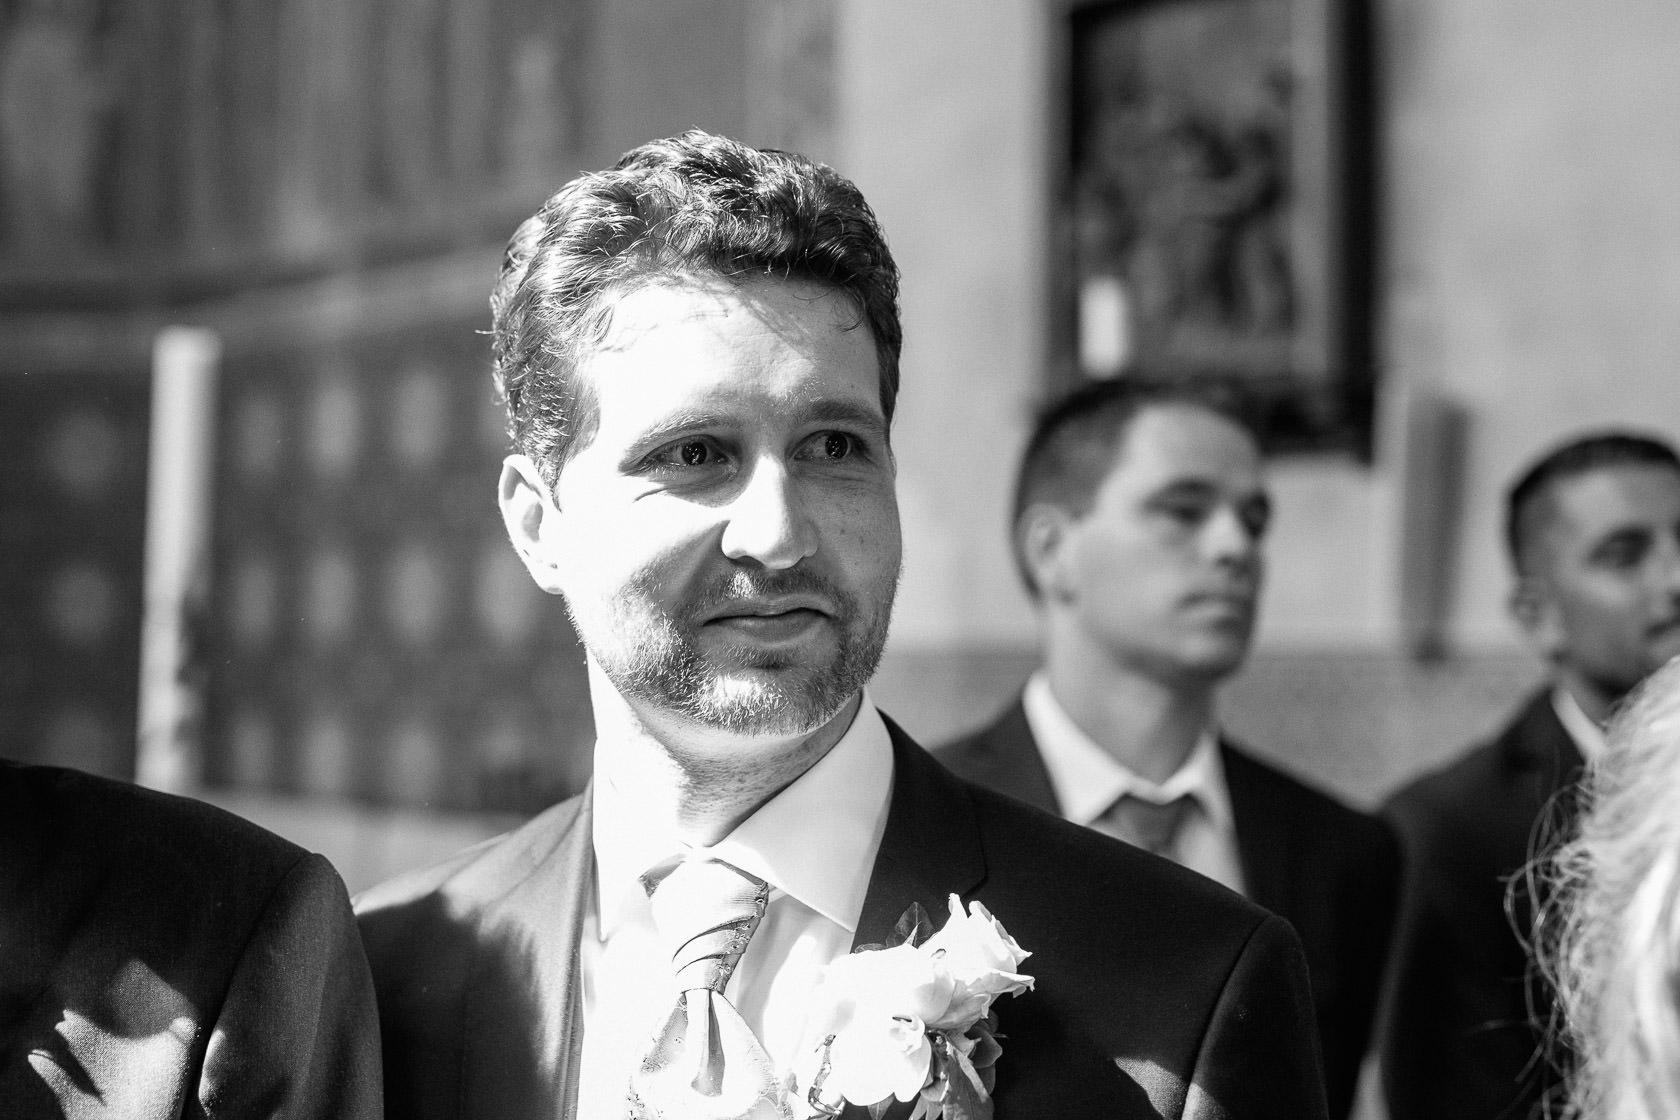 Blauweiße Hochzeit in Bad Kreuznach Gäste warten auf die Braut, Einzug der Braut in die Kirche. Bräutigam First Look